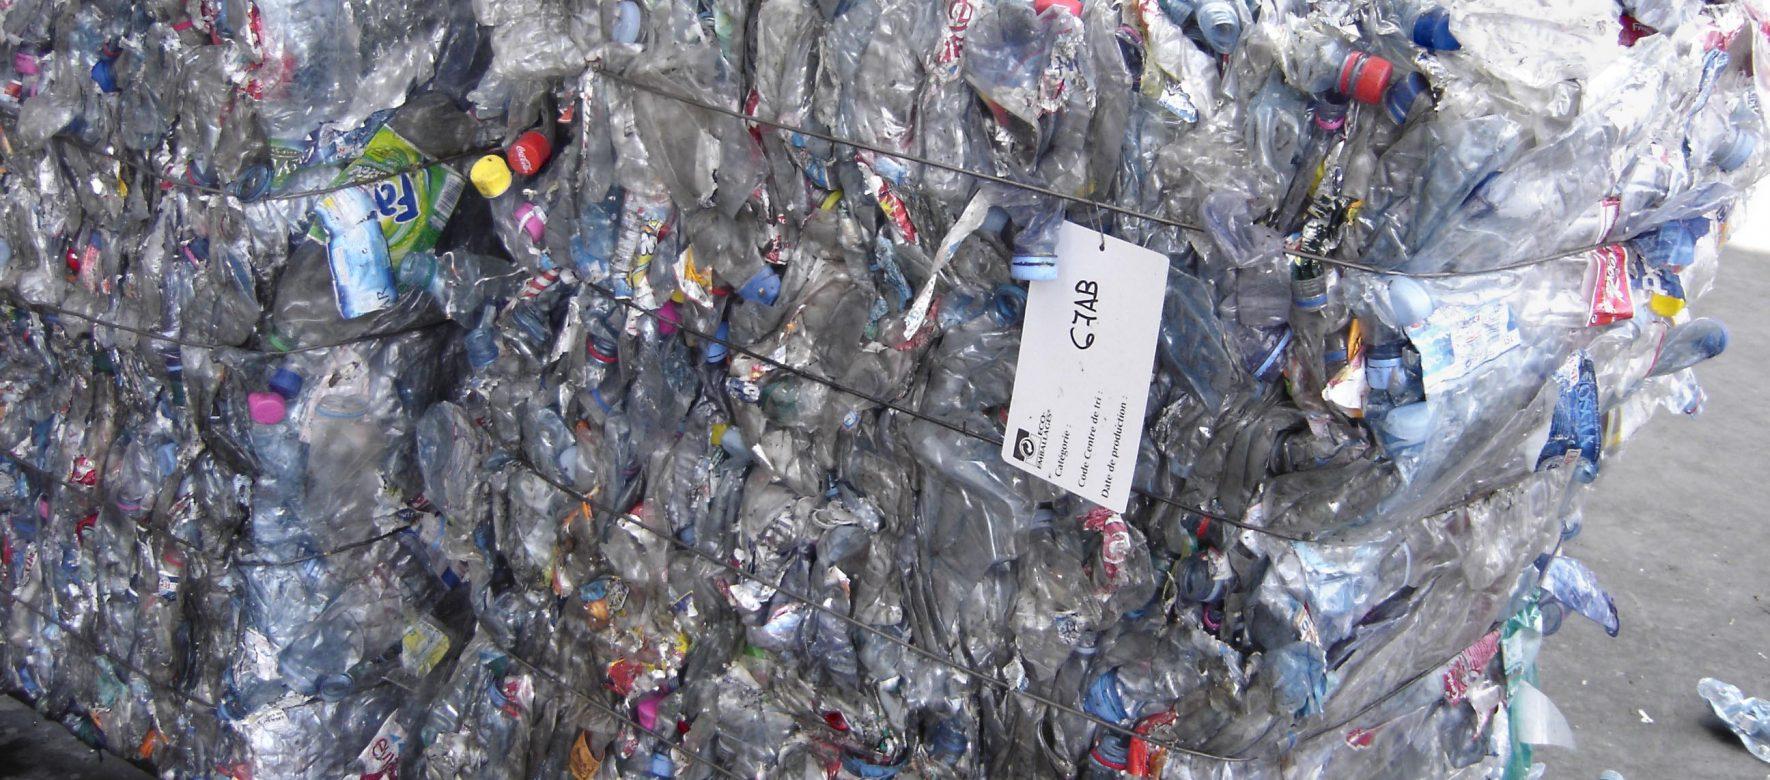 Un professeur algérien invente une technique de régénération des déchets en plastique